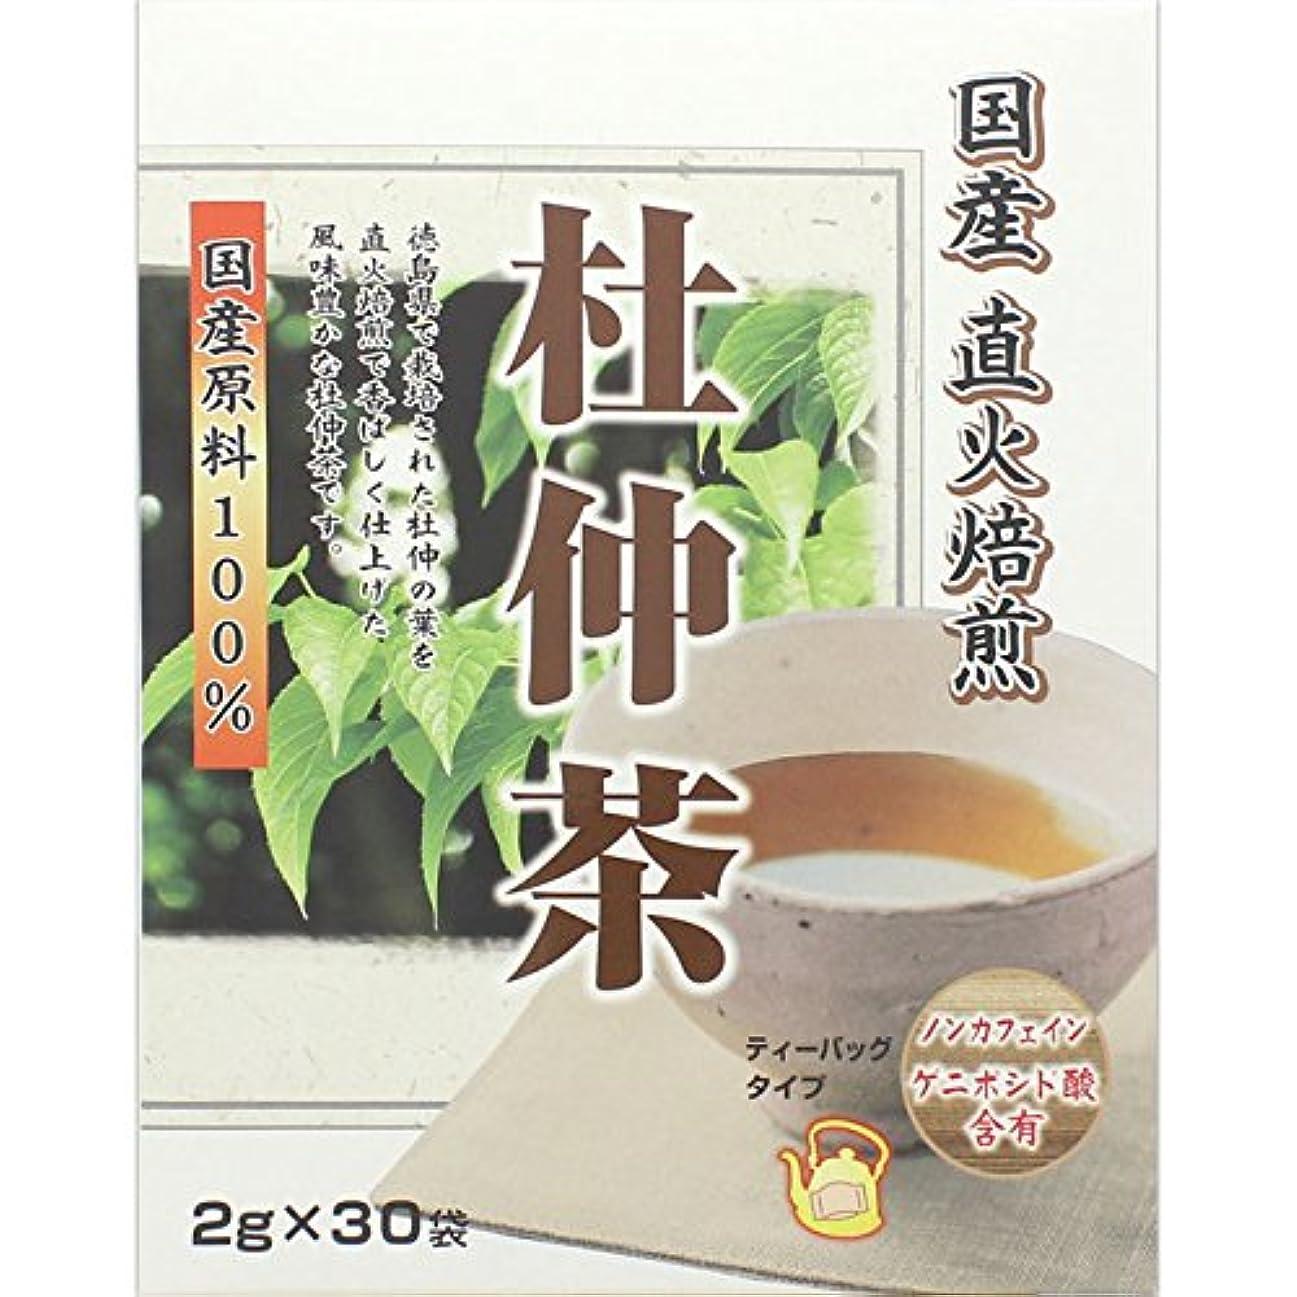 告発クリーム深める国産直火焙煎 杜仲茶 2gX30包